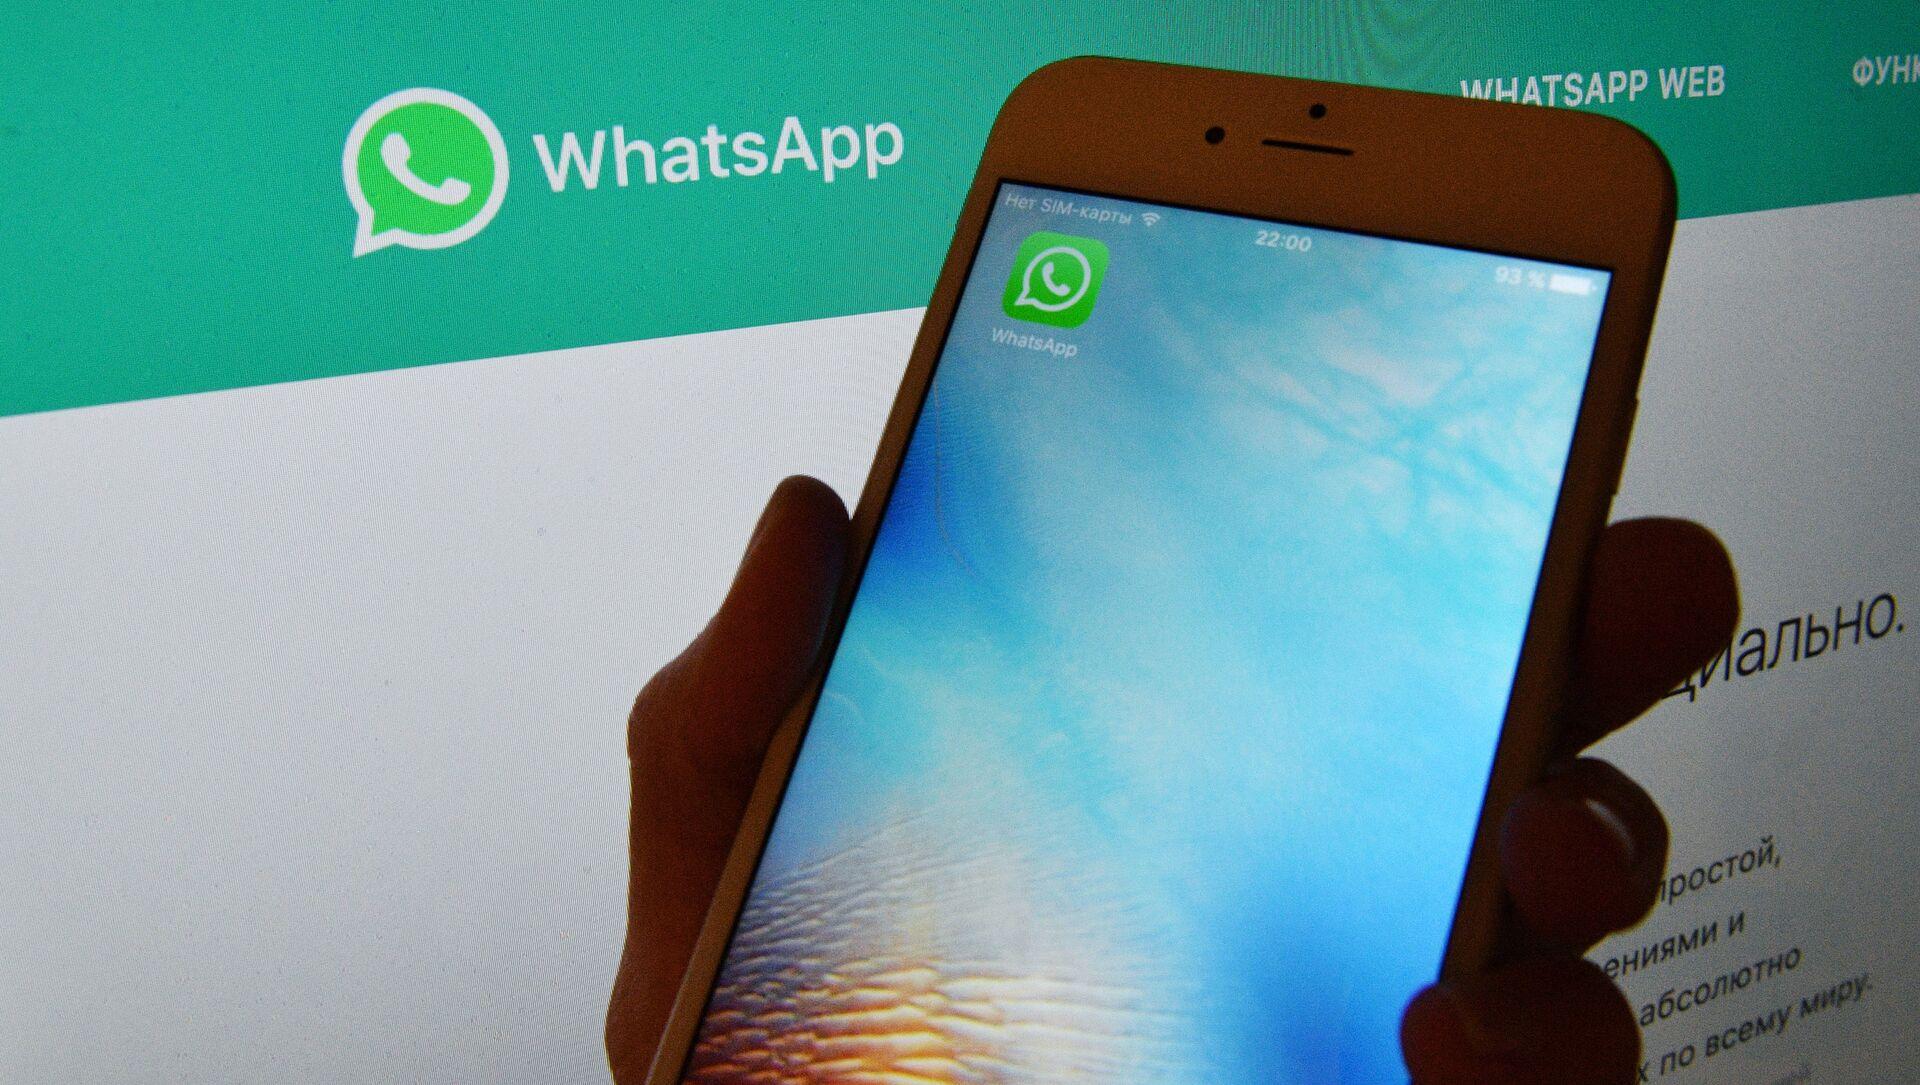 Иконка мессенджера WhatsApp на экране смартфона - Sputnik Аҧсны, 1920, 13.09.2021